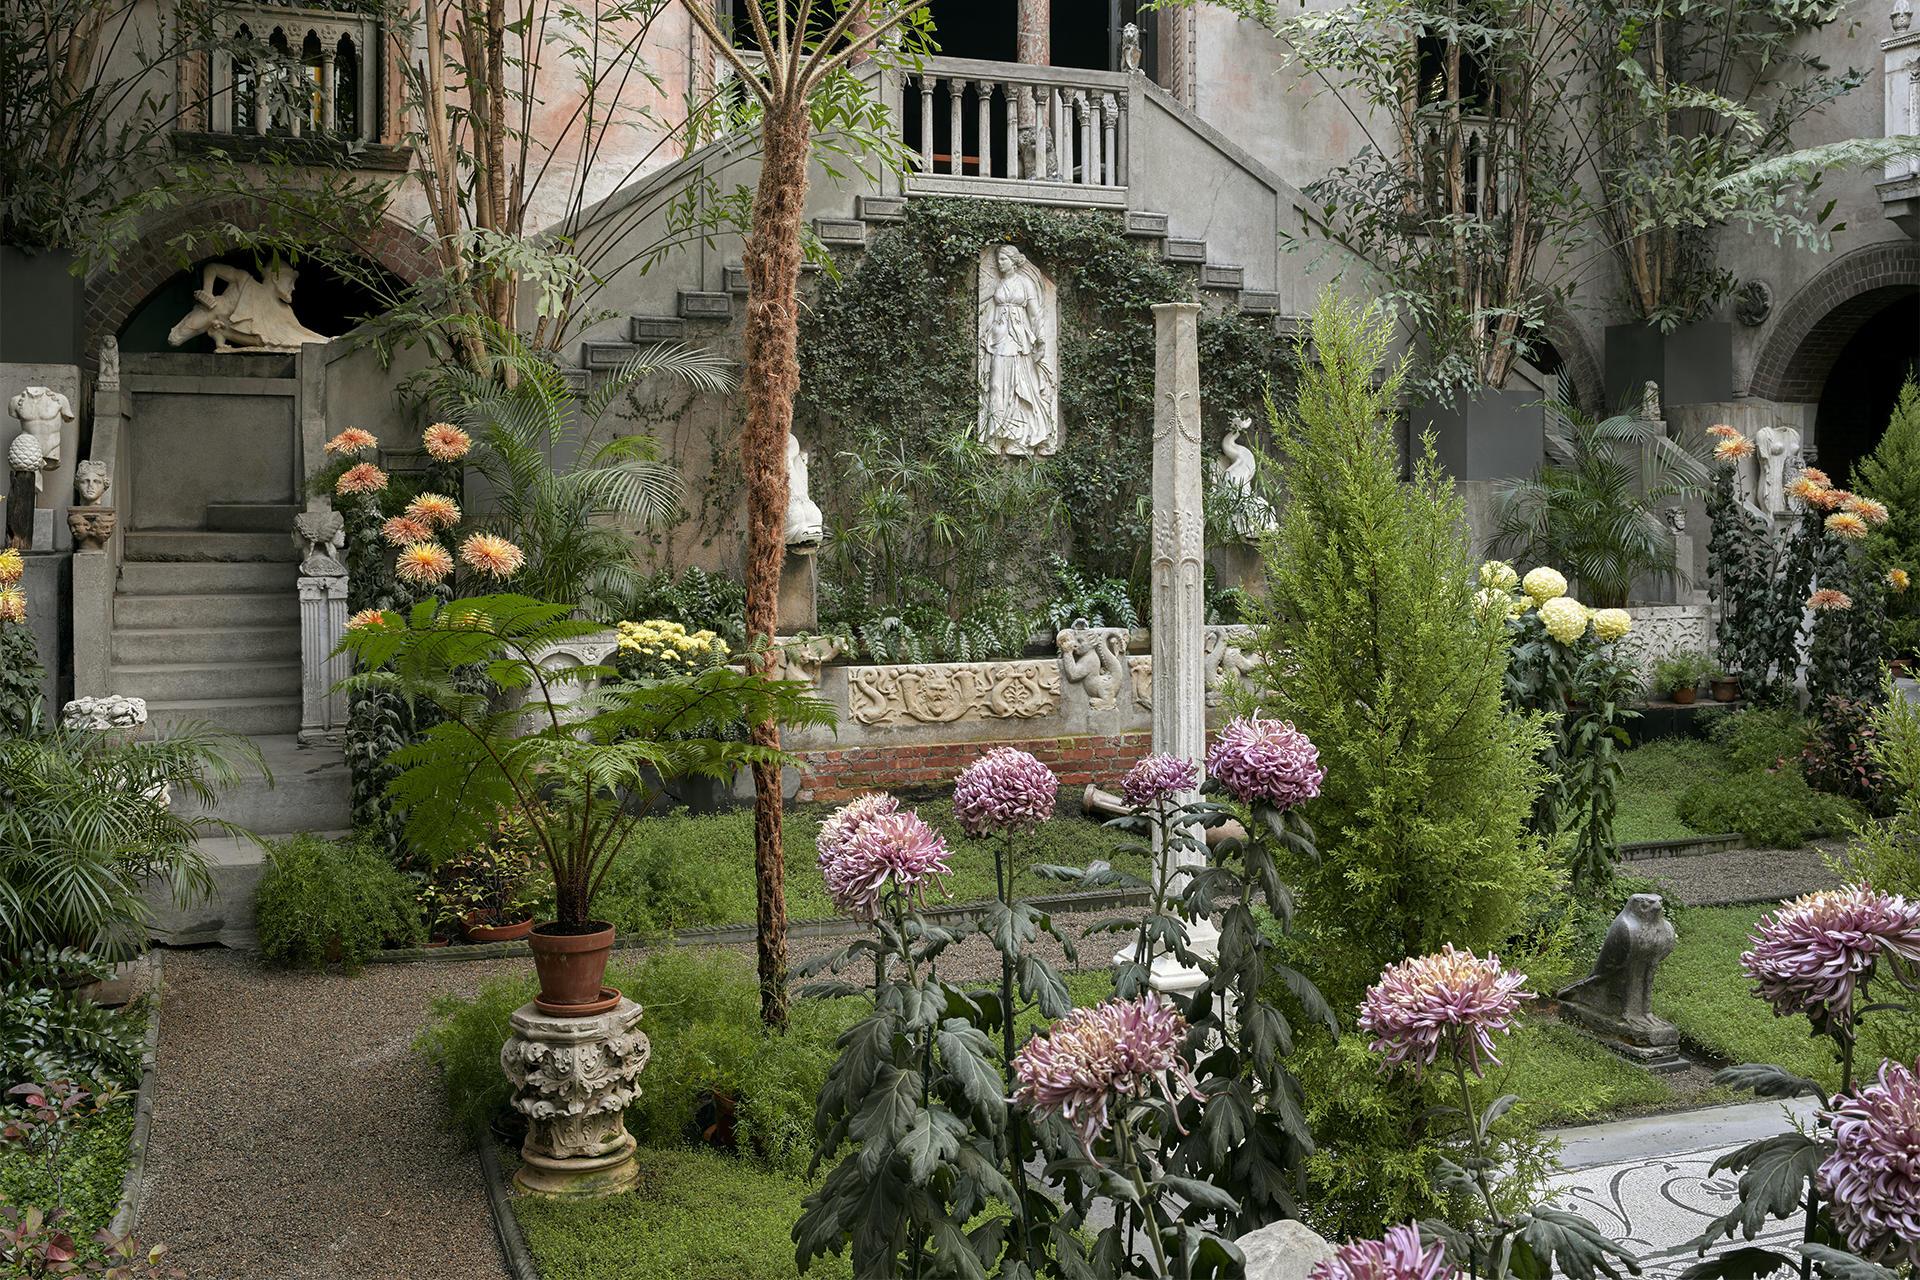 Chrysanthemum courtyard display at the Isabella Stewart Gardner Museum